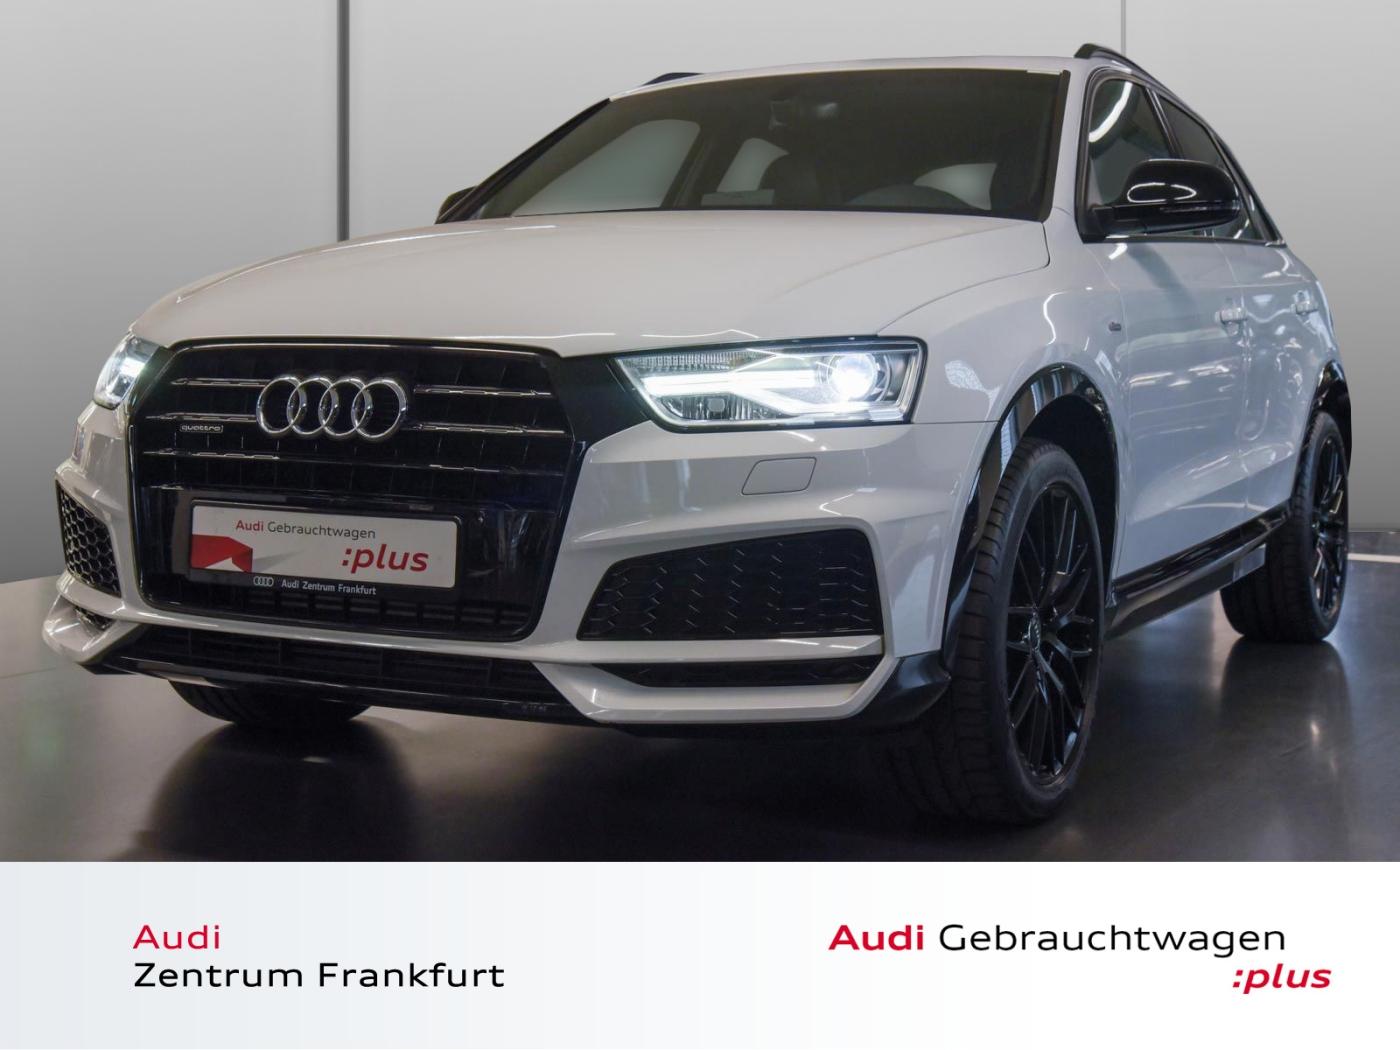 Audi Q3 2.0 TFSI quattro S tronic S line Navi Xenon P, Jahr 2017, Benzin